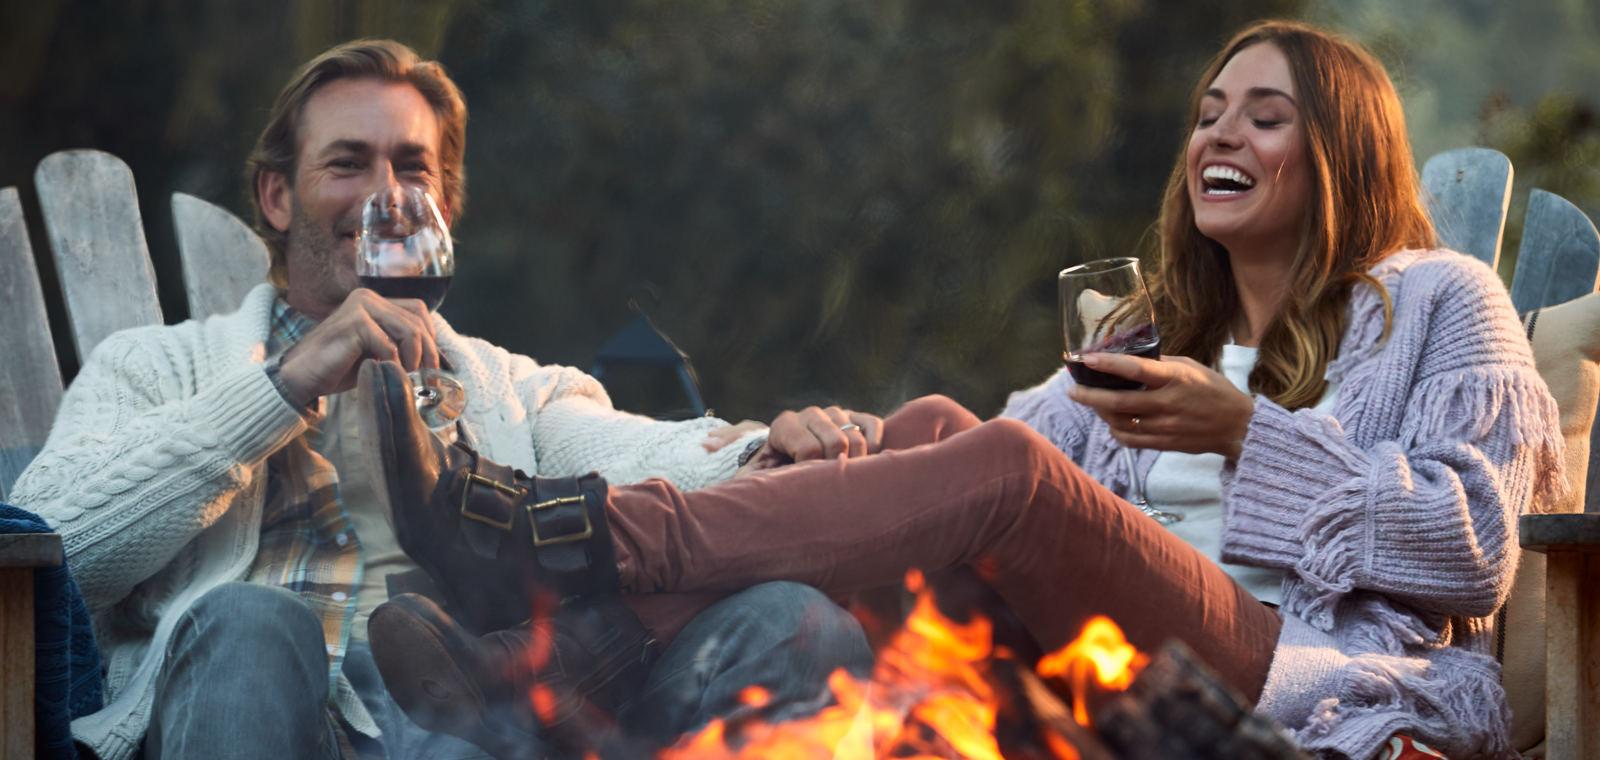 Carmel Valley Ranch_Lifestyle_Campfire_Couple_Cocktails_laugh_4029_GJ